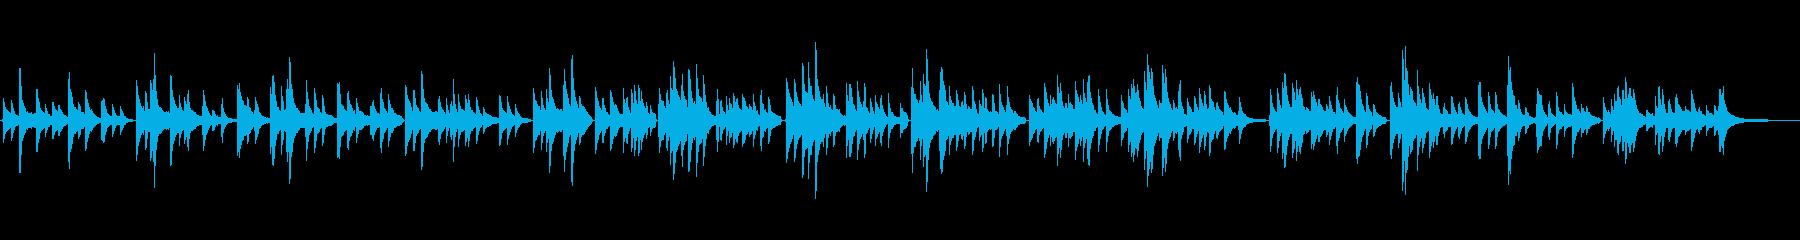 生ピアノソロ・不思議なゆったりした音楽の再生済みの波形